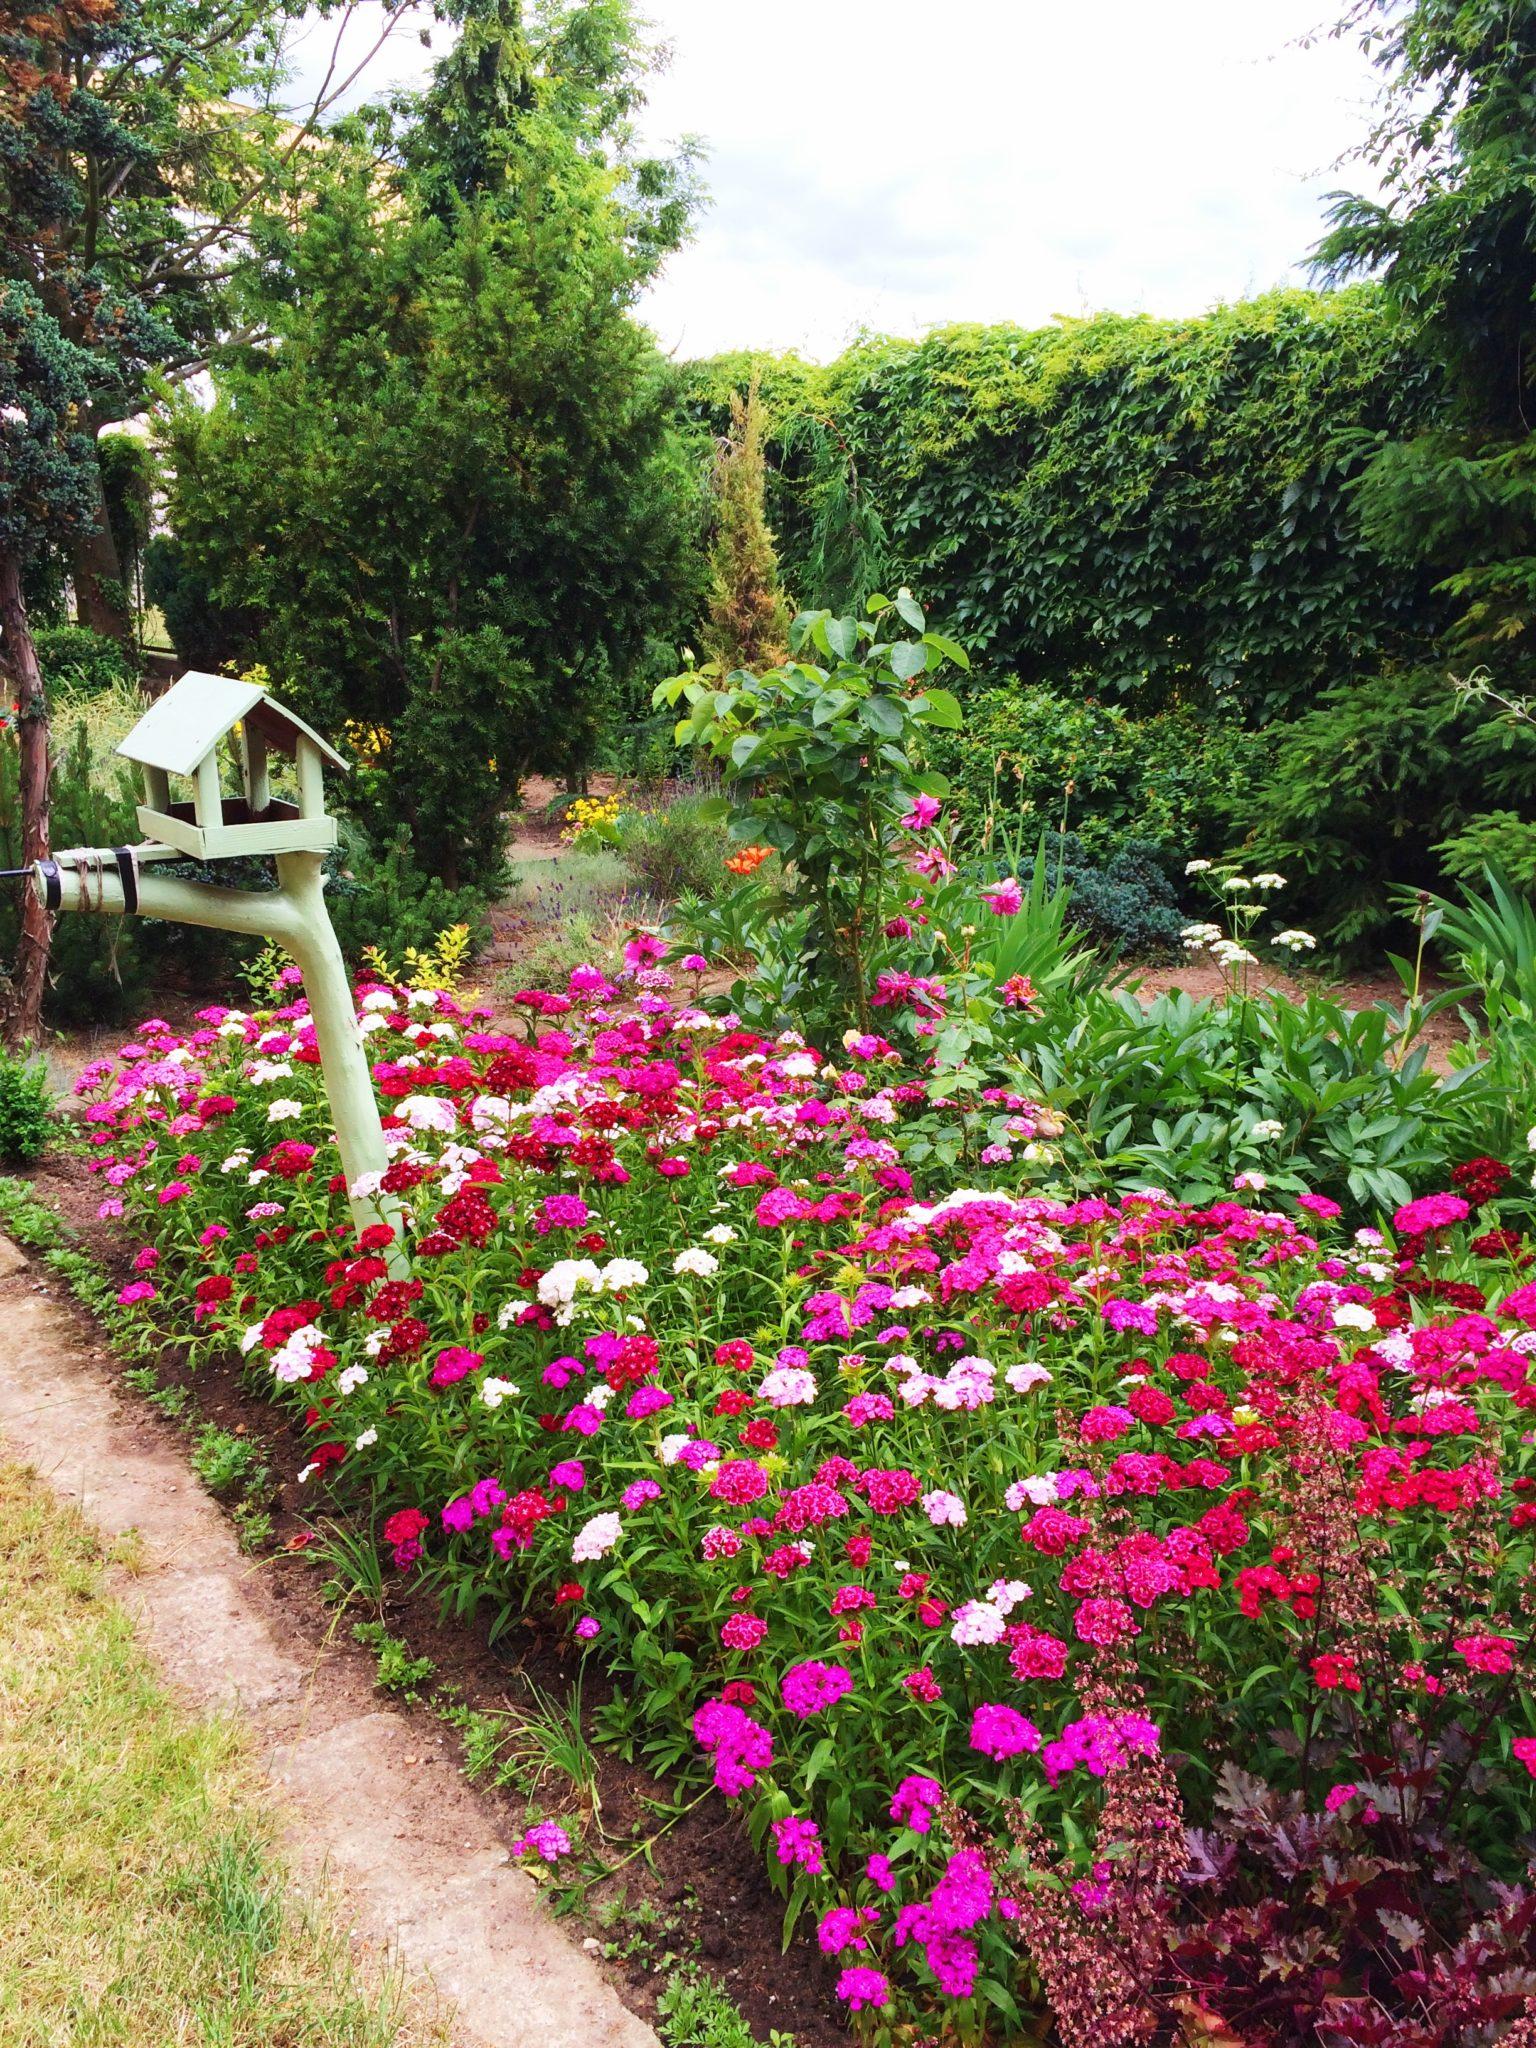 4 jysk metamorfozy projektowanie dekorowanie ogrodu garden party decorating ideas landscape design forelementspl jysk15lat jyskmetamorfozy